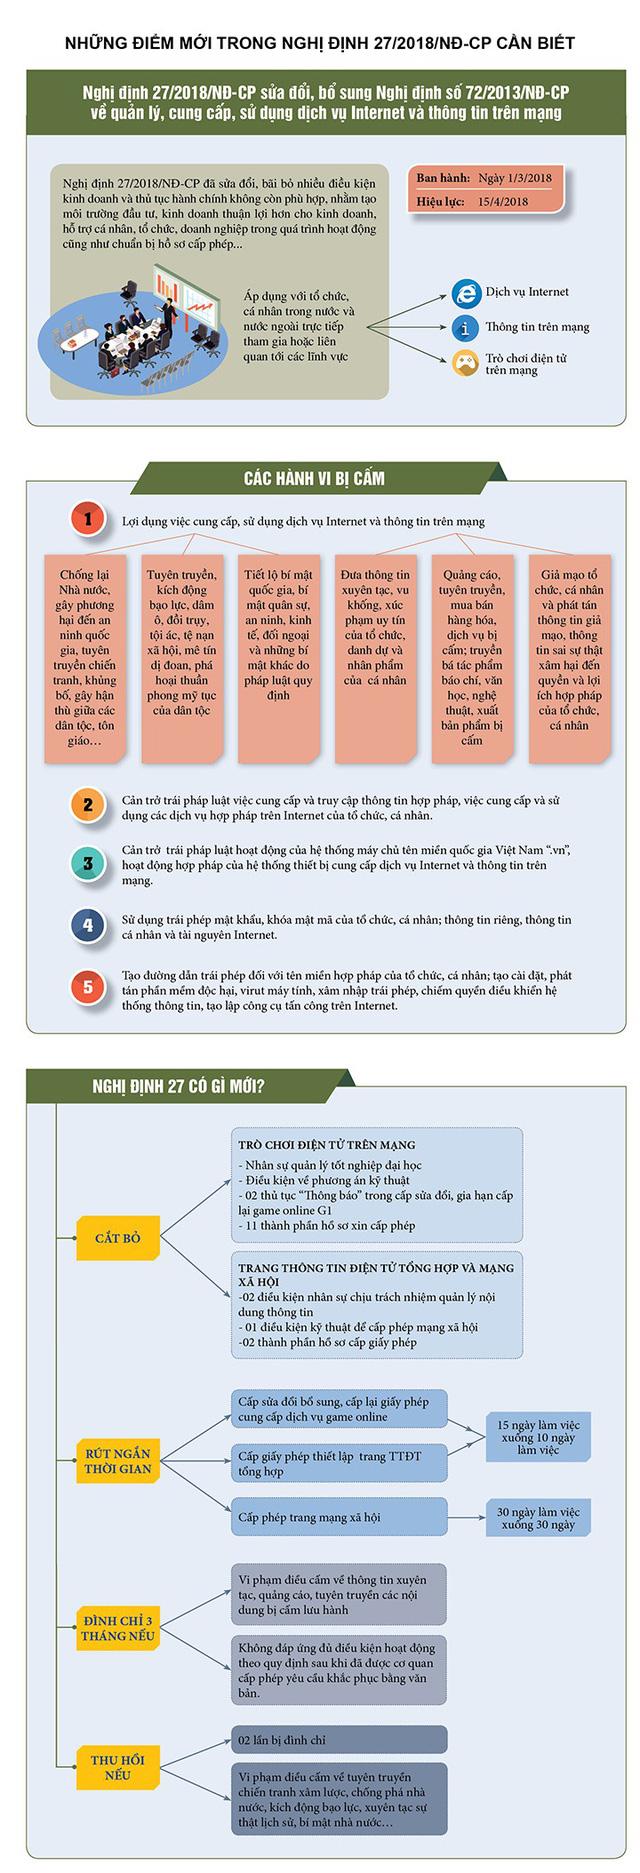 [Infographic] Những điểm mới của Nghị định 27 về quản lý Internet và thông tin trên mạng - Ảnh 1.